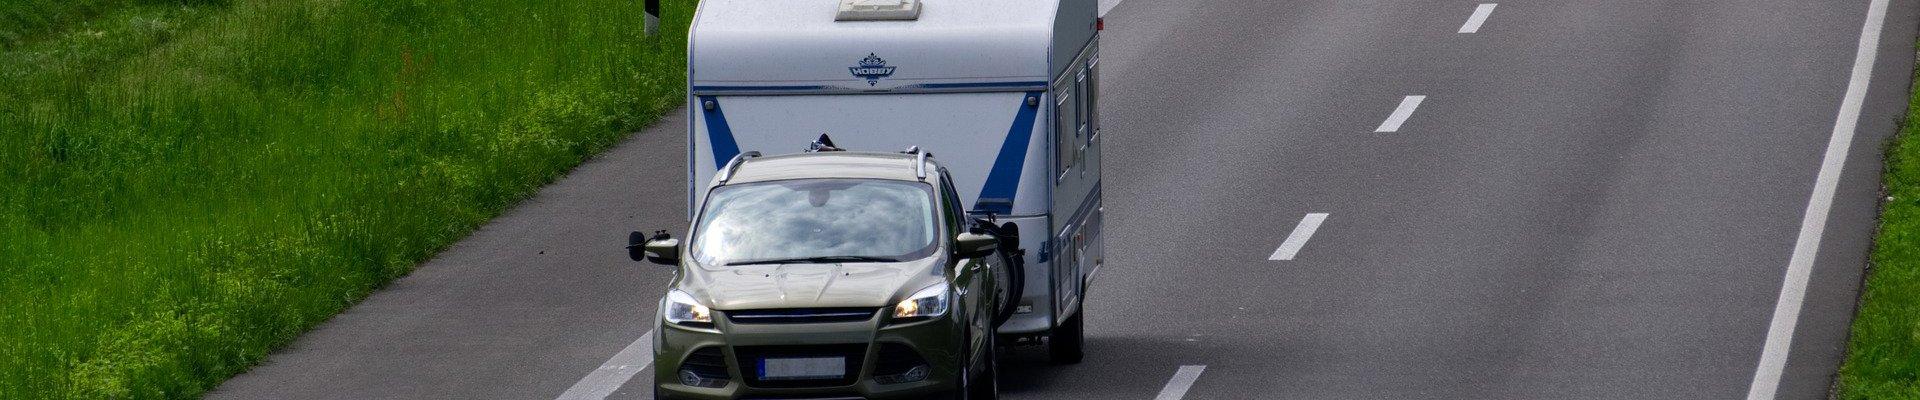 Anhänger Wohnwagen Versicherung BestensVersichert.at